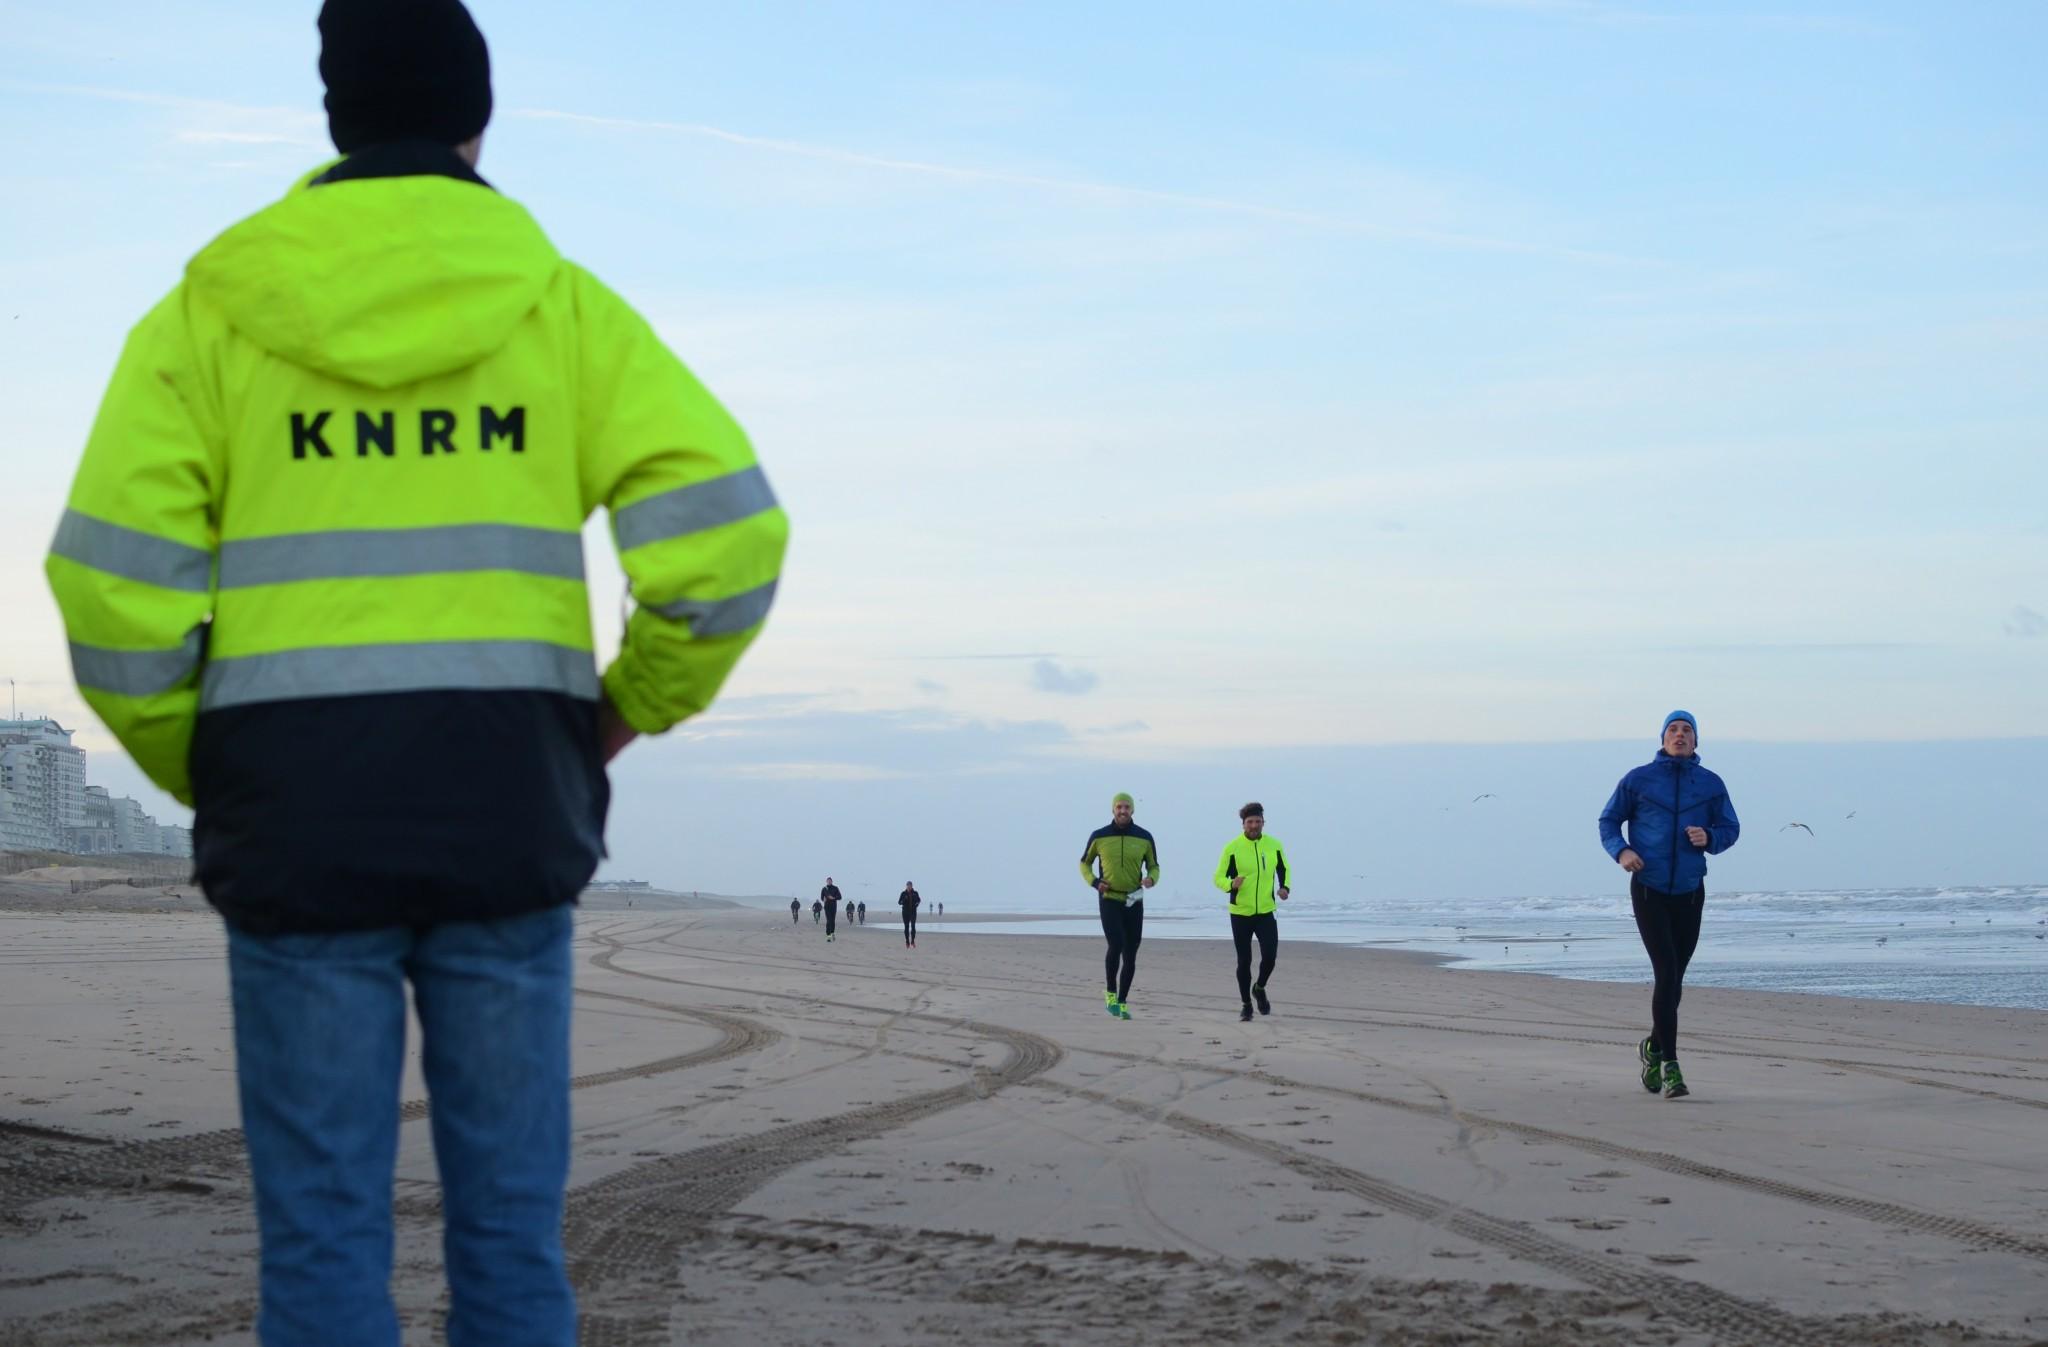 Rennen en fietsen voor de KNRM